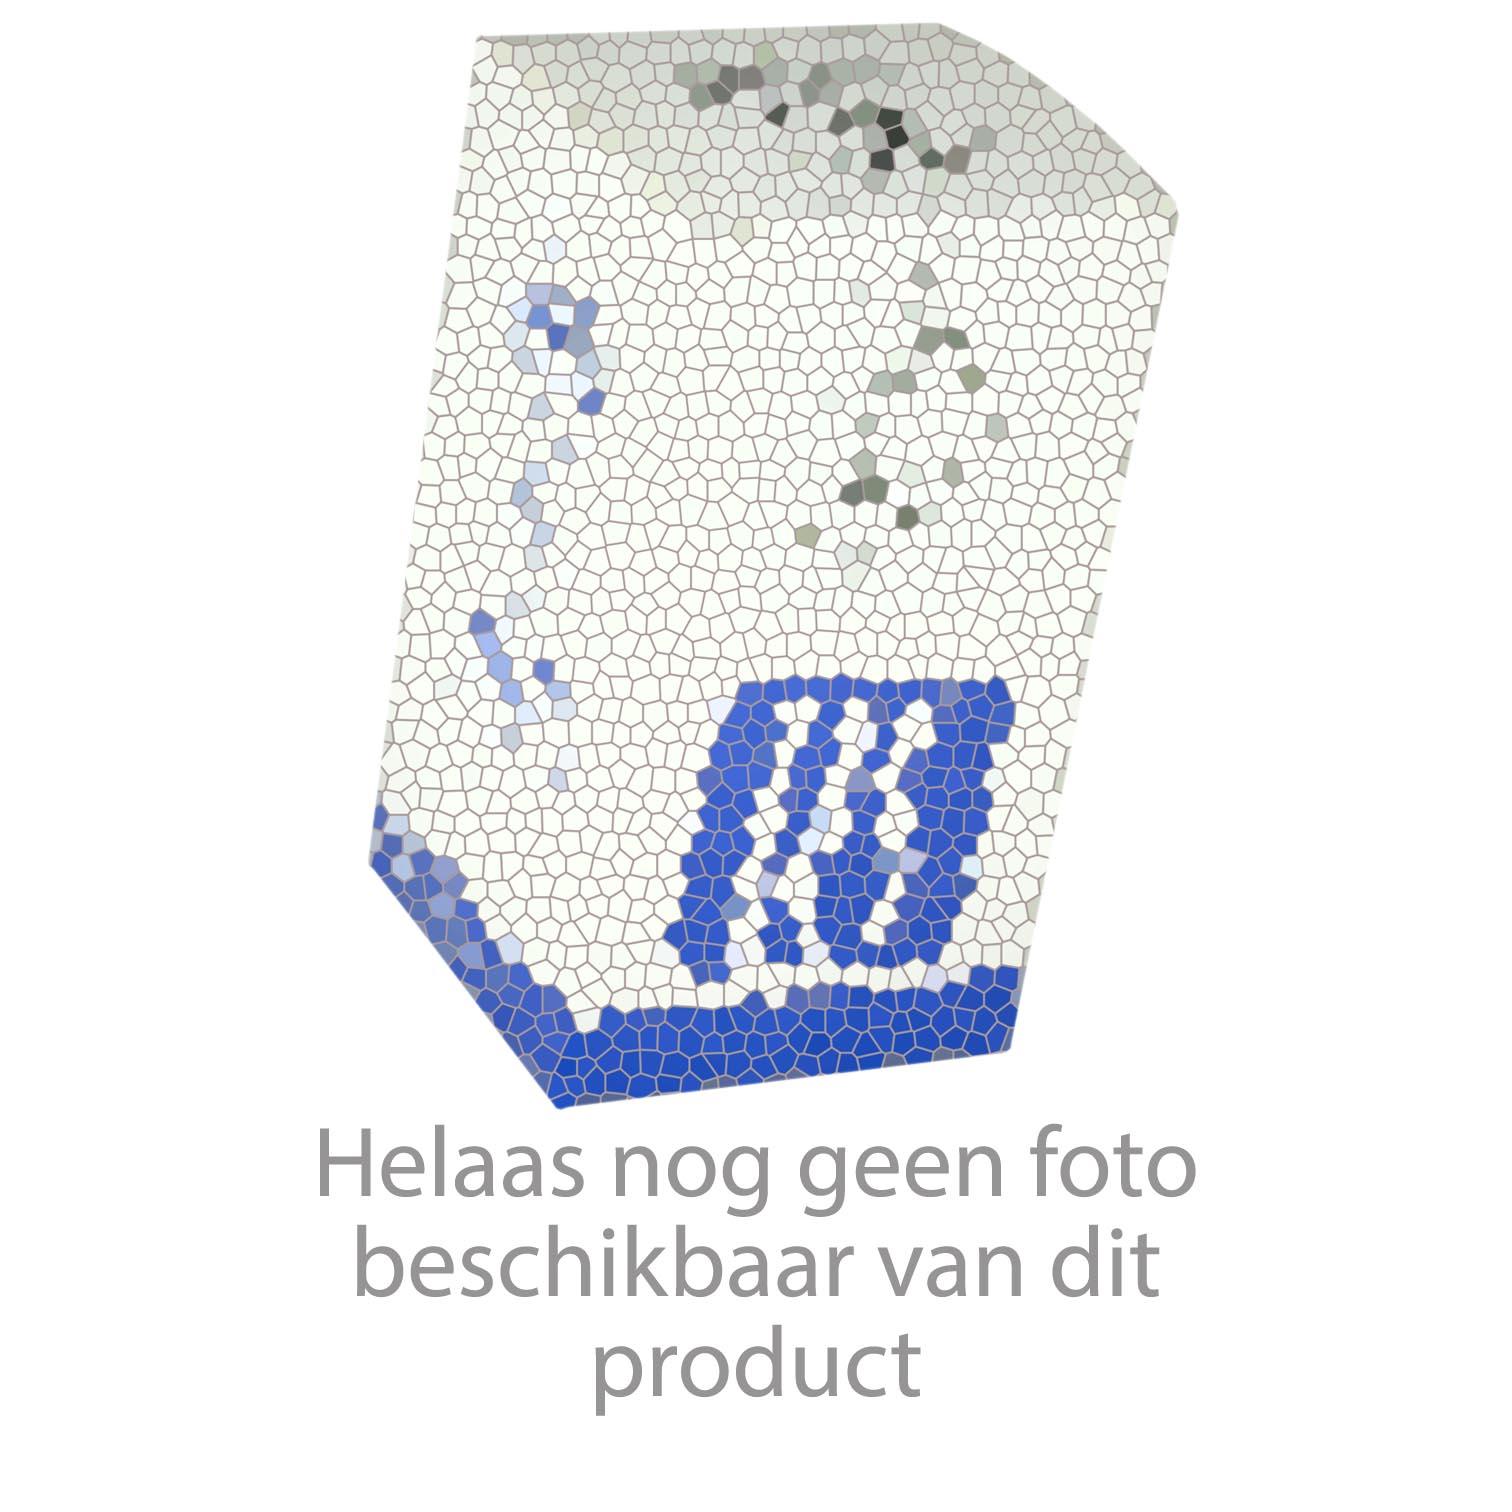 Collo Gk-Fix Reinigings- En Glansmiddel Voor Inductiekookplaten, Werkbladen En Tegels Verwijdert Vet En Vuil Snel En Gemakkelijk Inhoud Flacon: 500 Ml